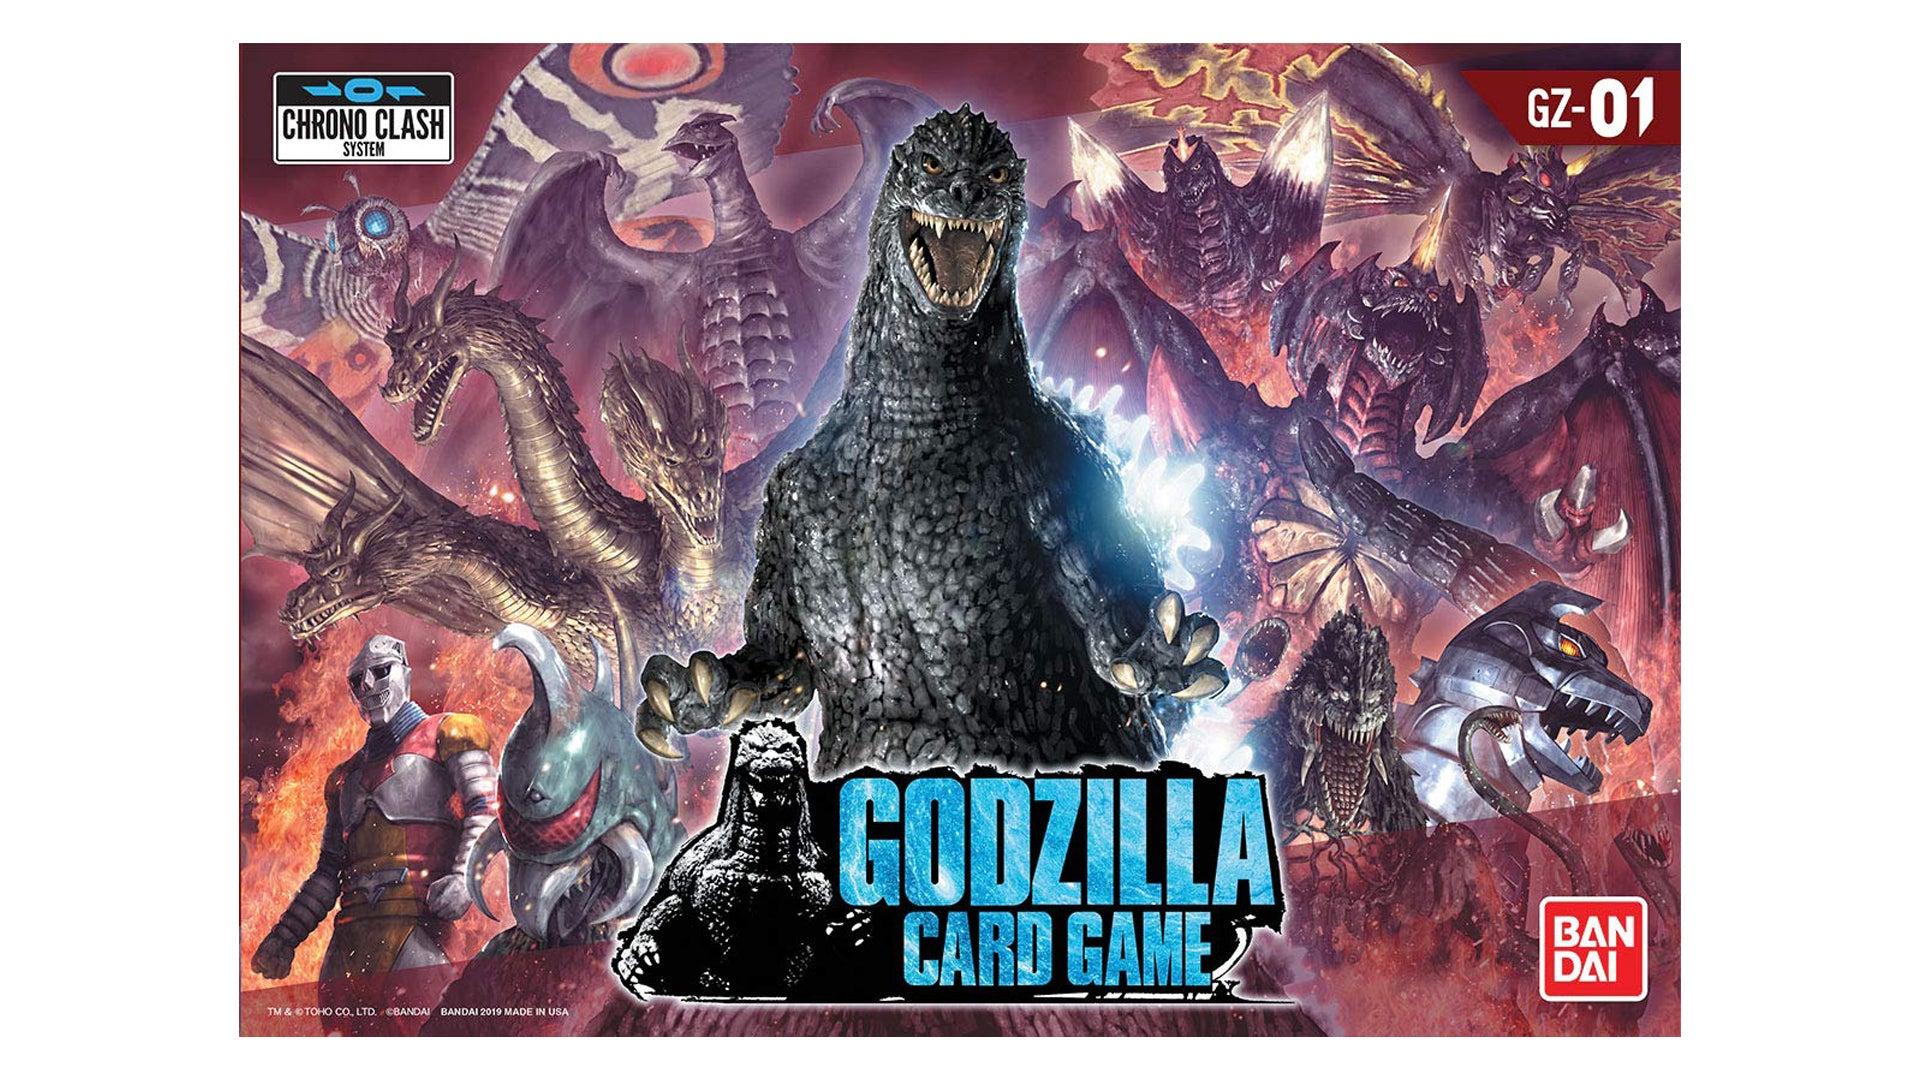 Godzilla Card Game movie board game box